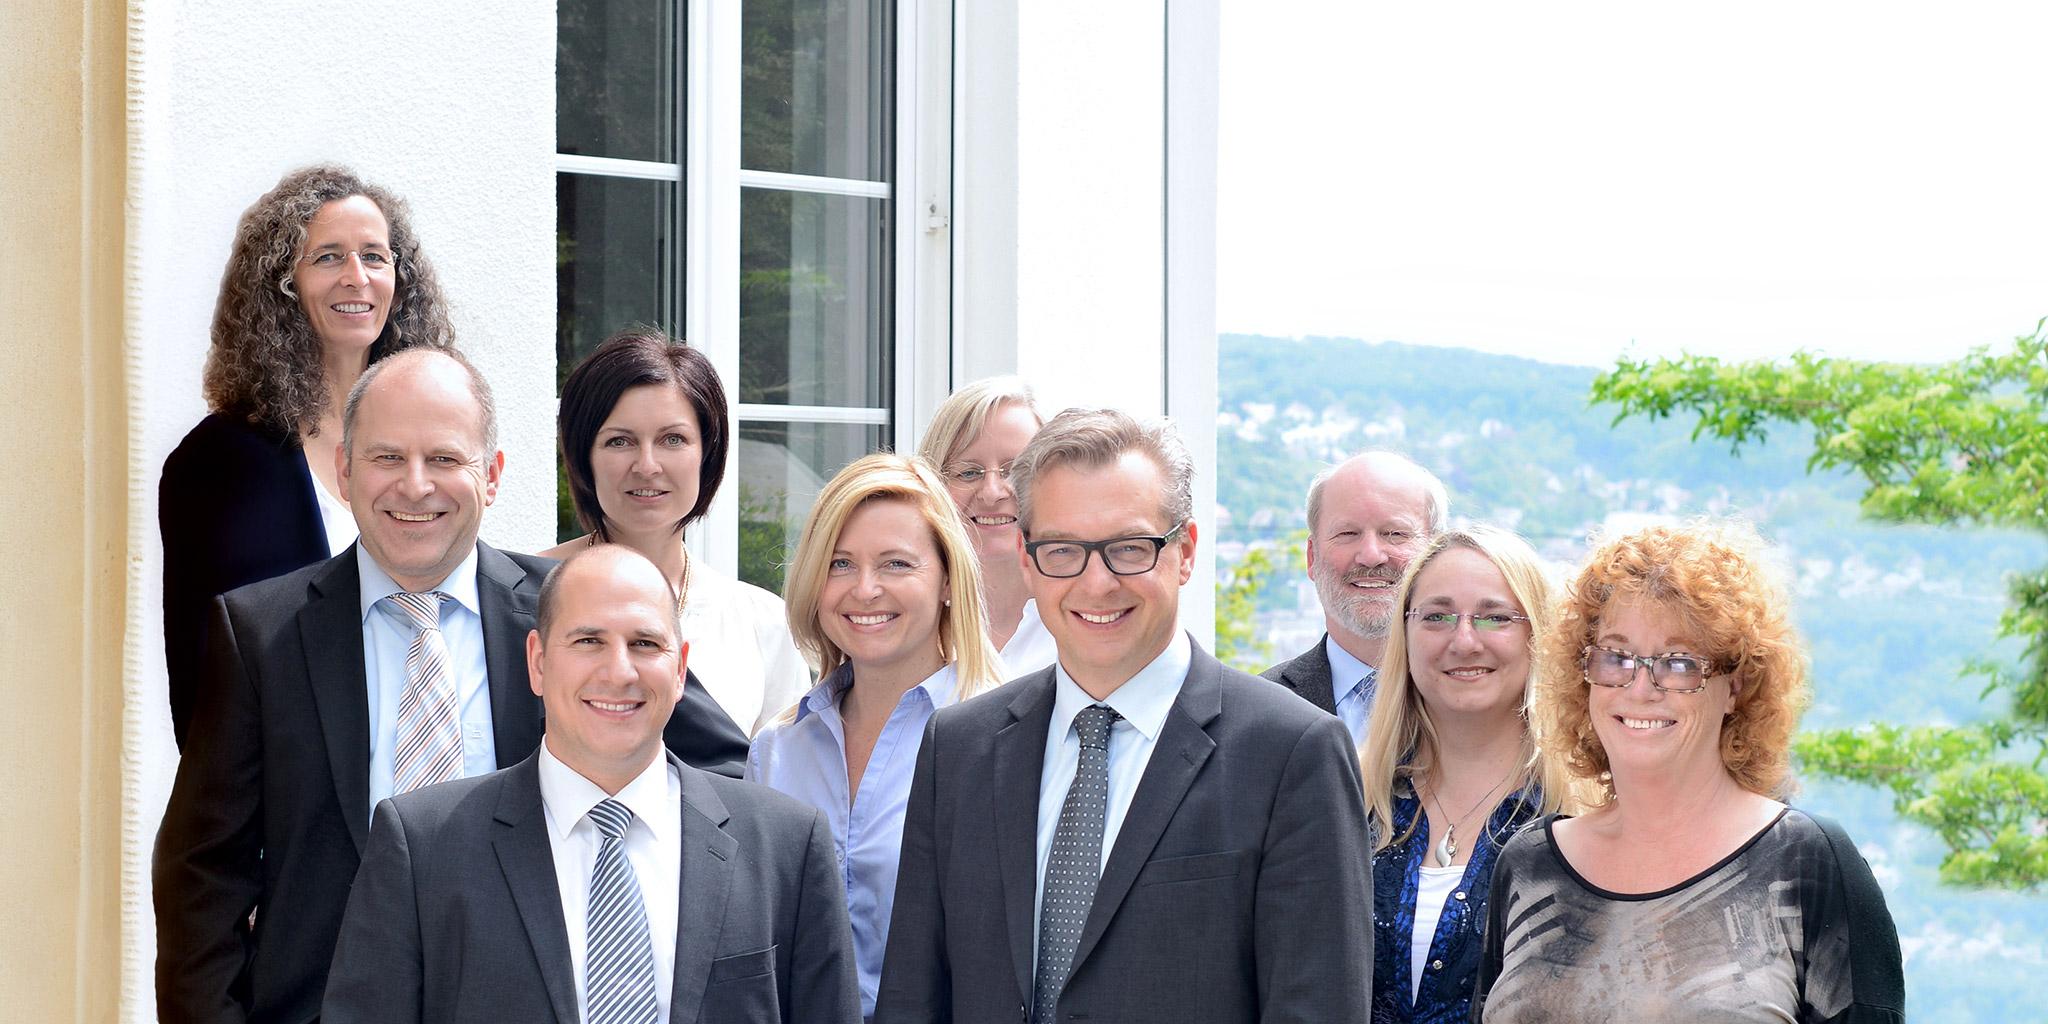 Dr. Harder & Kollegen, Steuerberatung Stuttgart, Unser Team